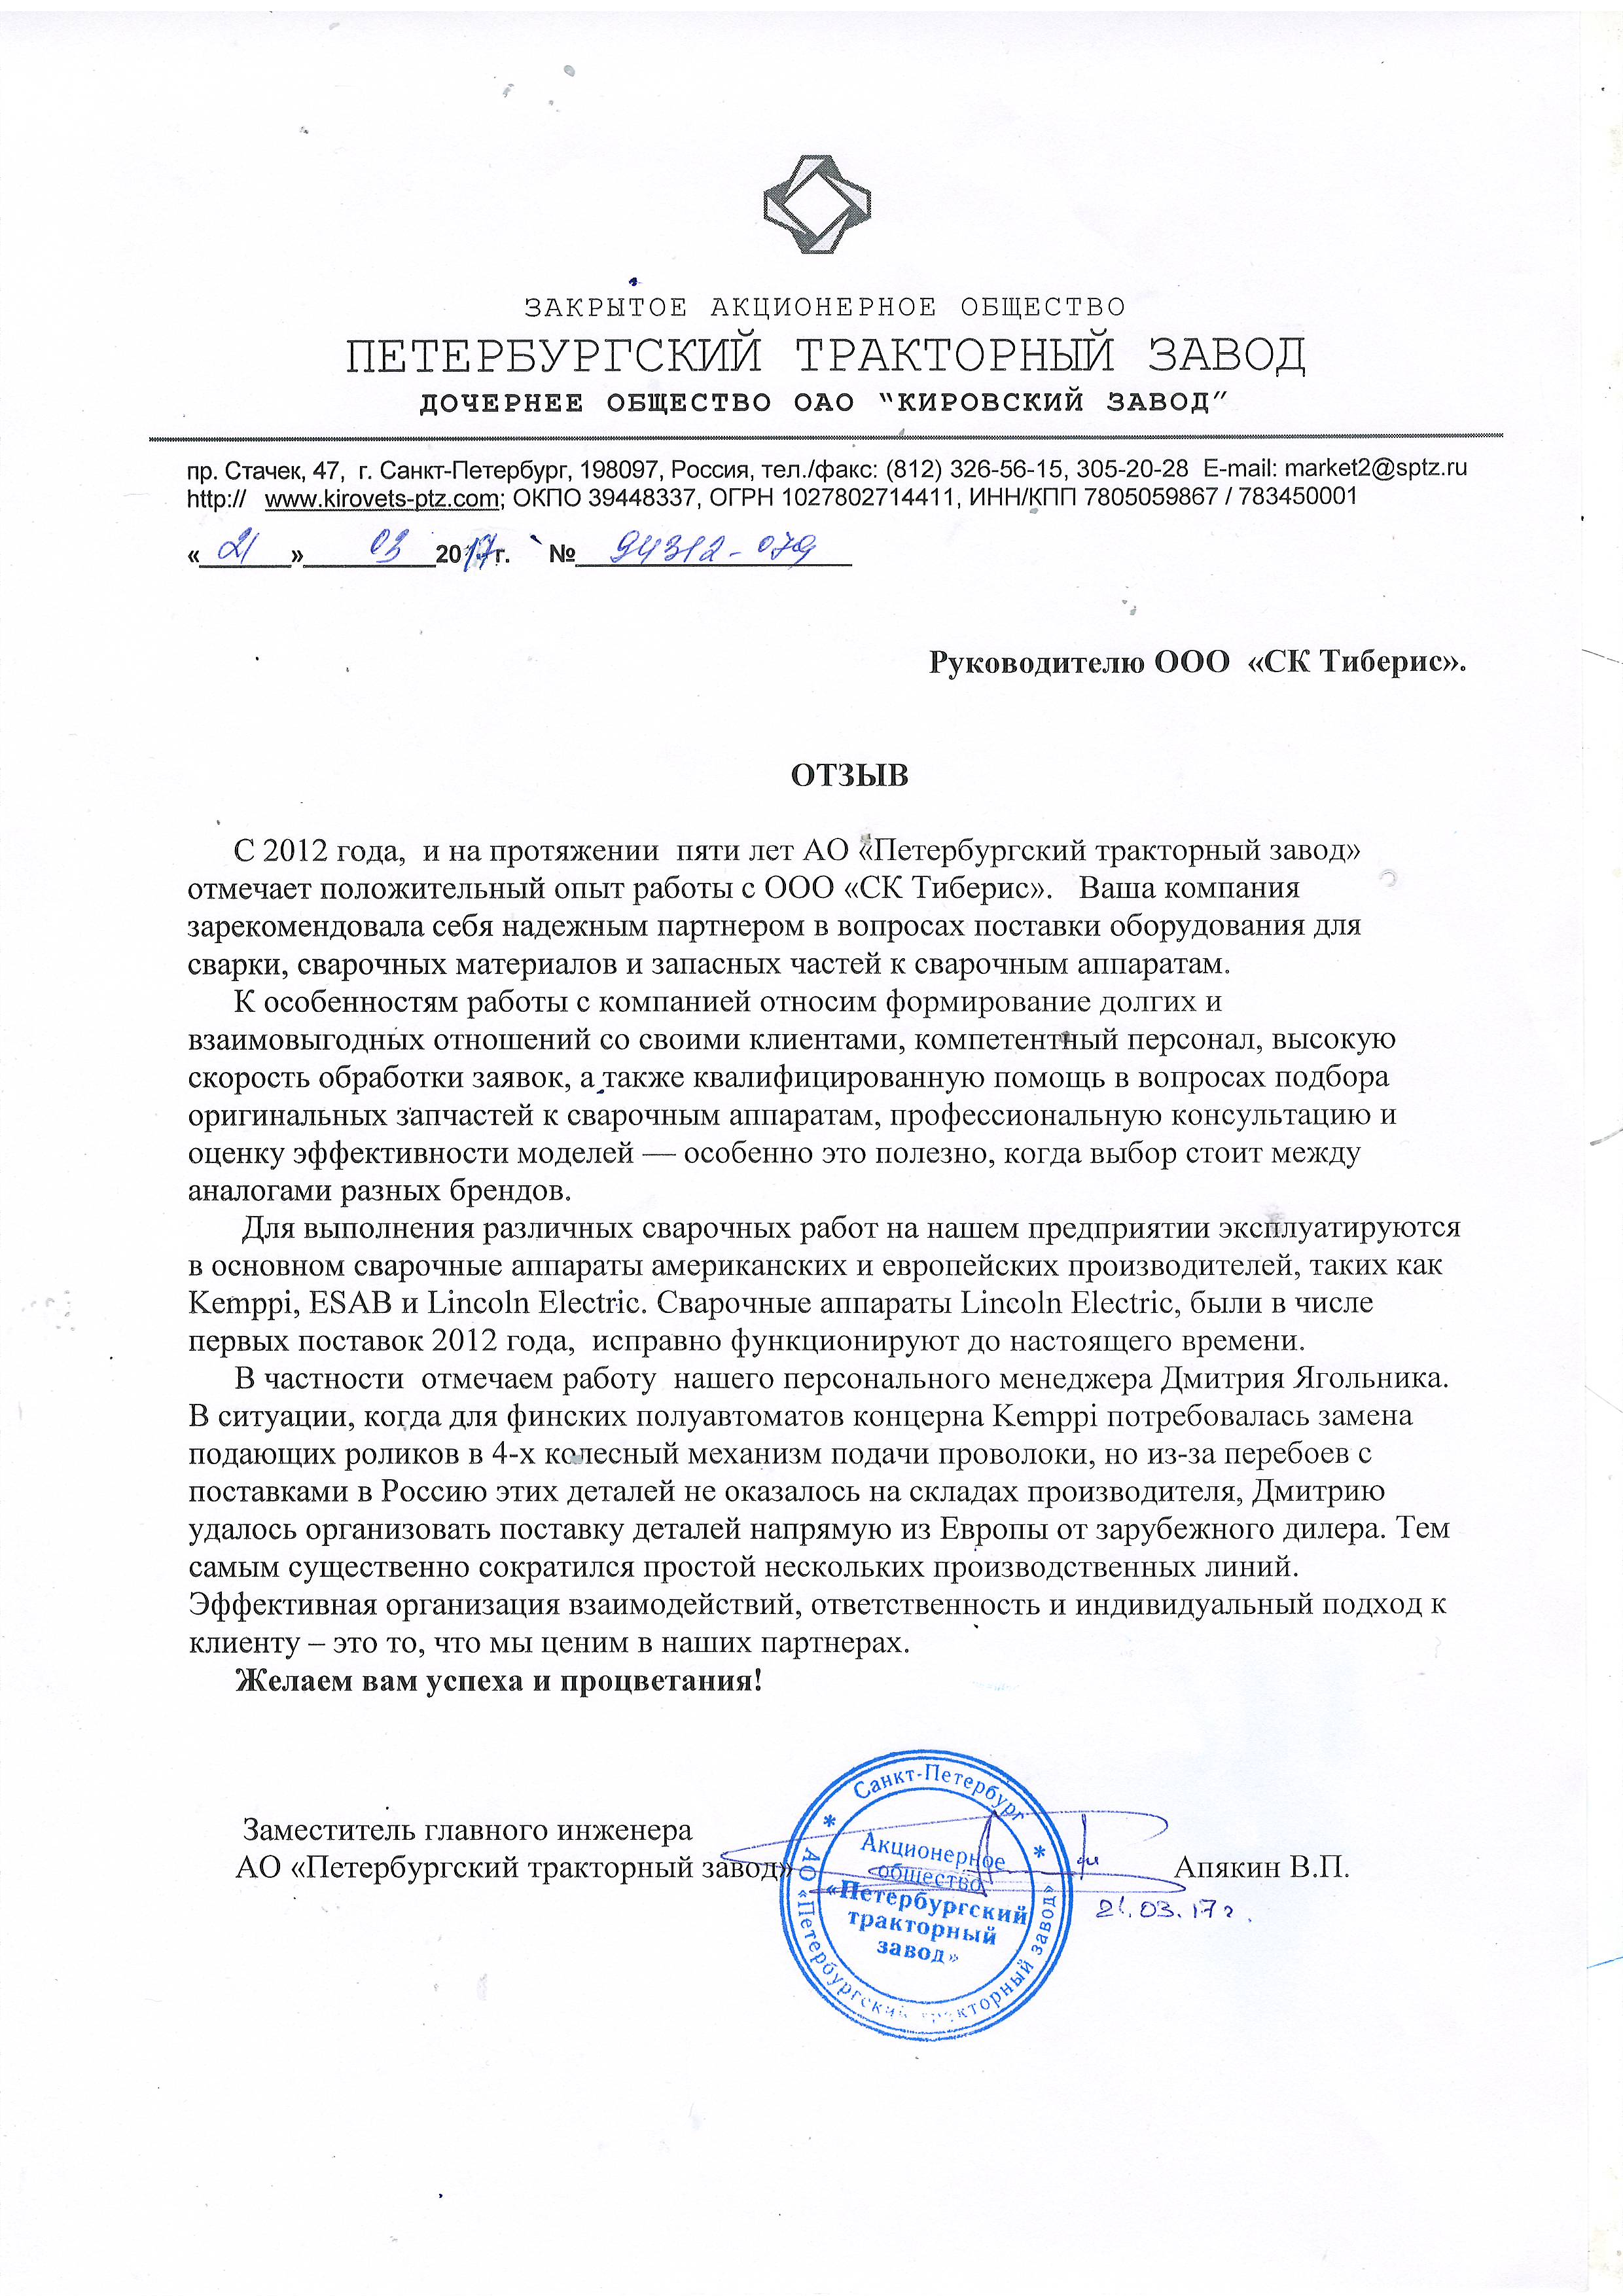 Отзыв о работе Тиберис от ЗАО «Петербургский тракторный завод»